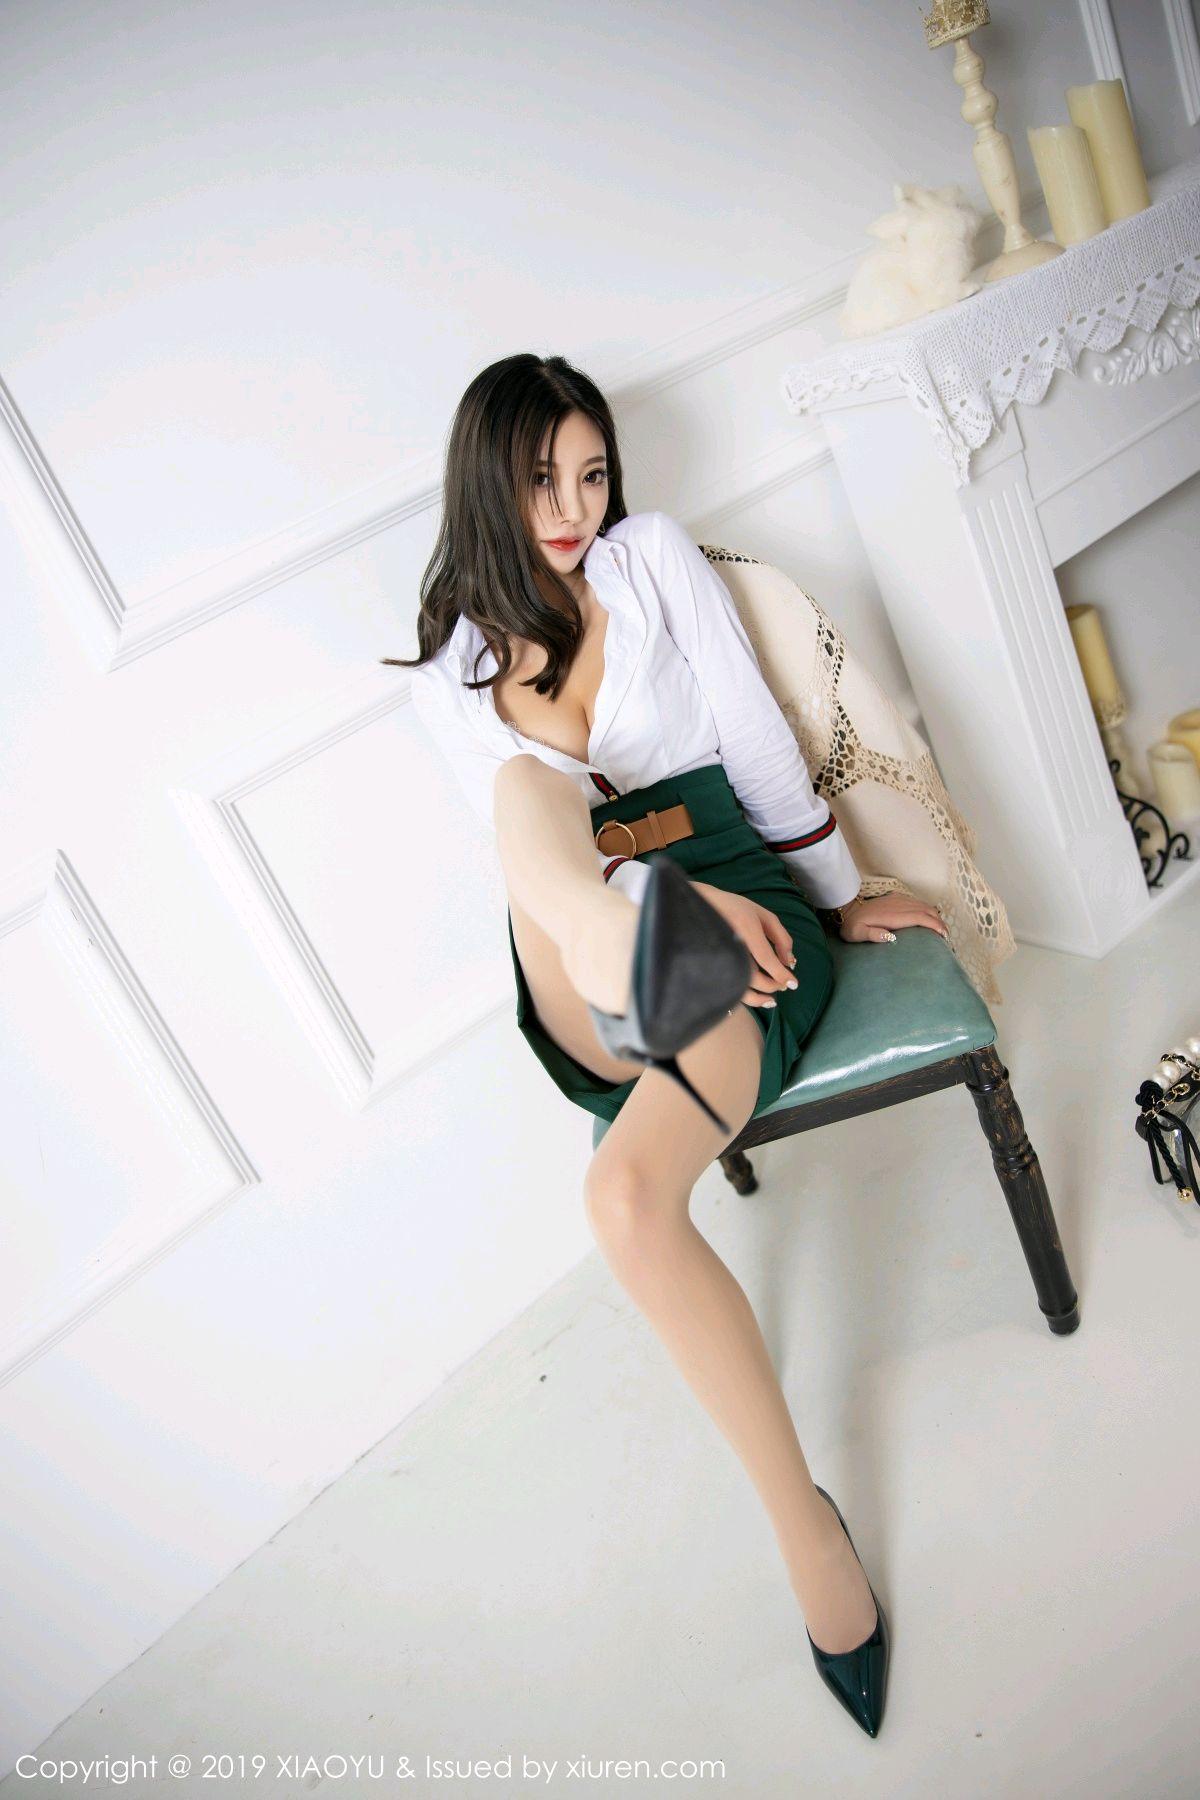 [XiaoYu] Vol.148 Yang Chen Chen 26P, Black Silk, XiaoYu, Yang Chen Chen